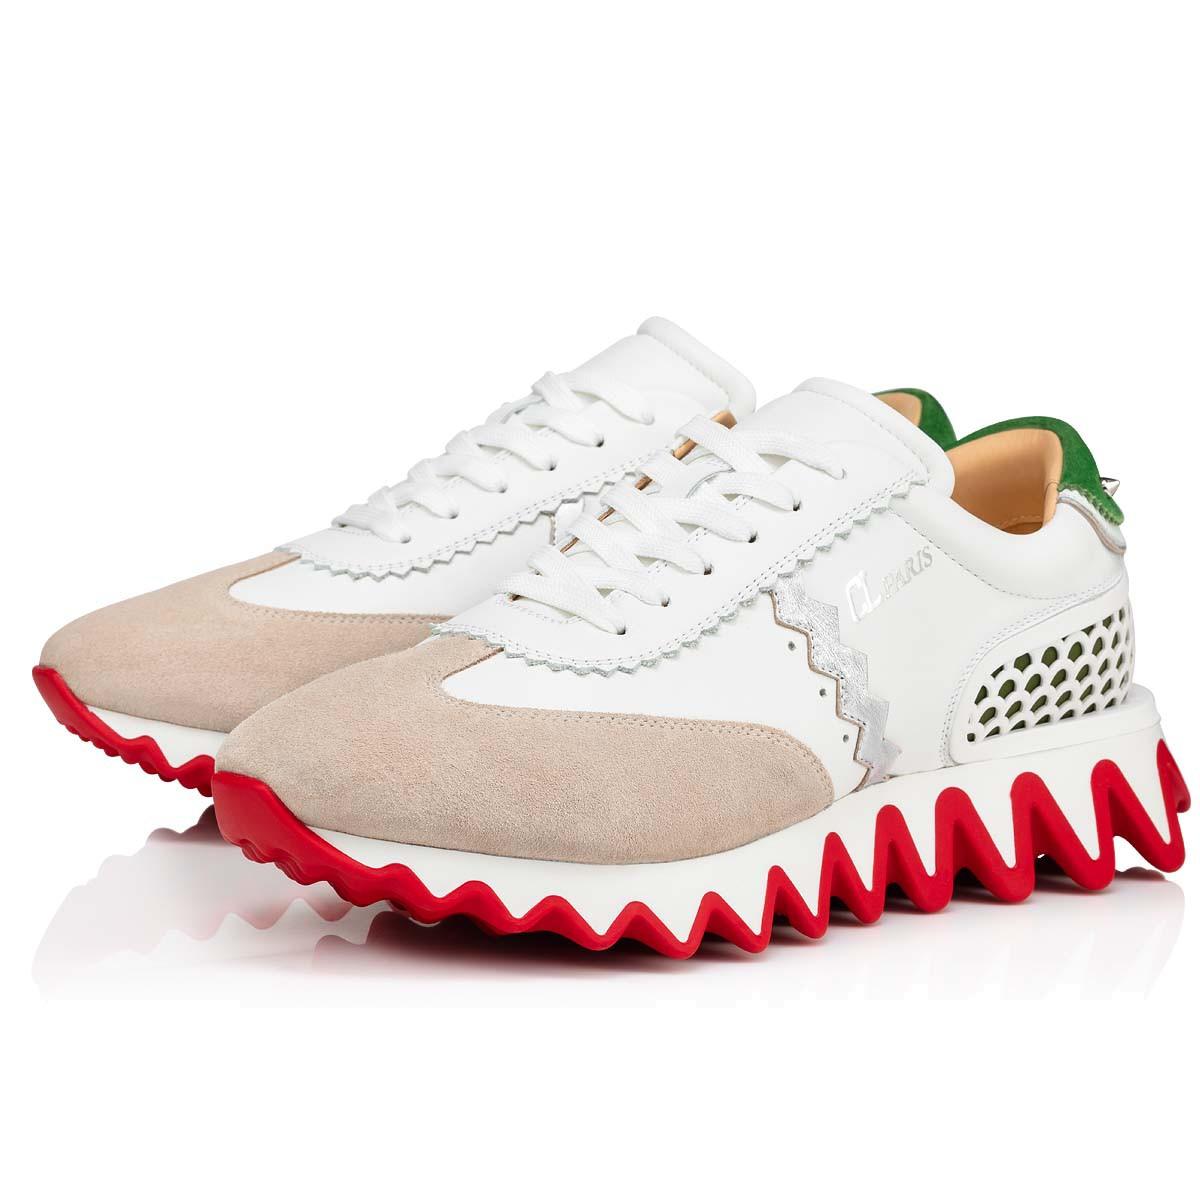 鞋履 - Loubishark - Christian Louboutin